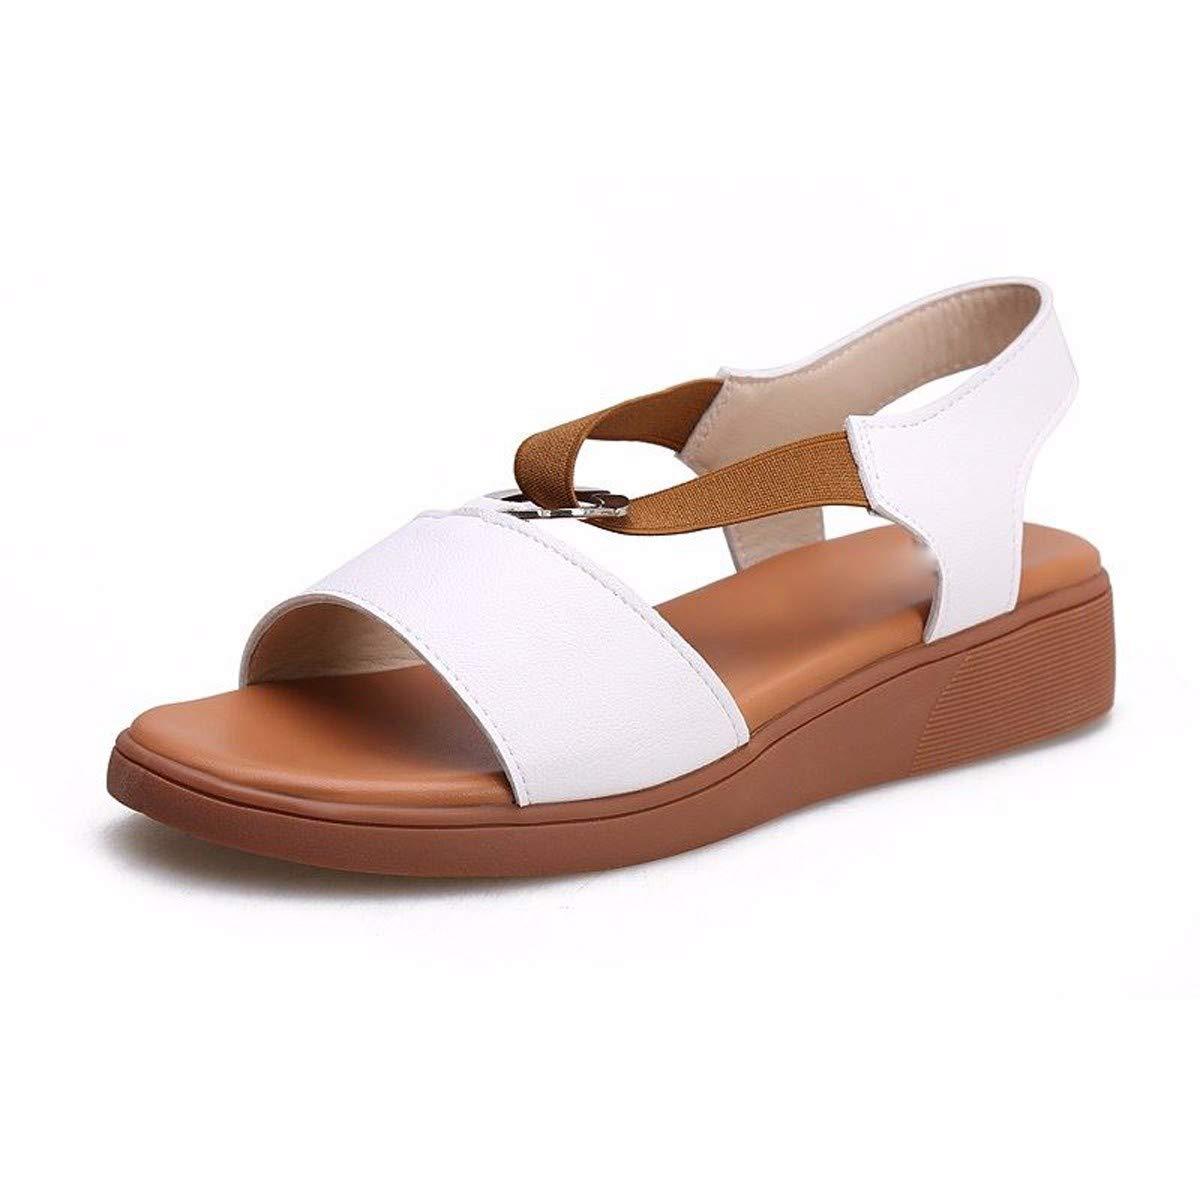 KPHY-Sommer Damenschuhe Weichen Boden Flachen Boden Wild Studenten Damen - Sandaleen 34 Weiße